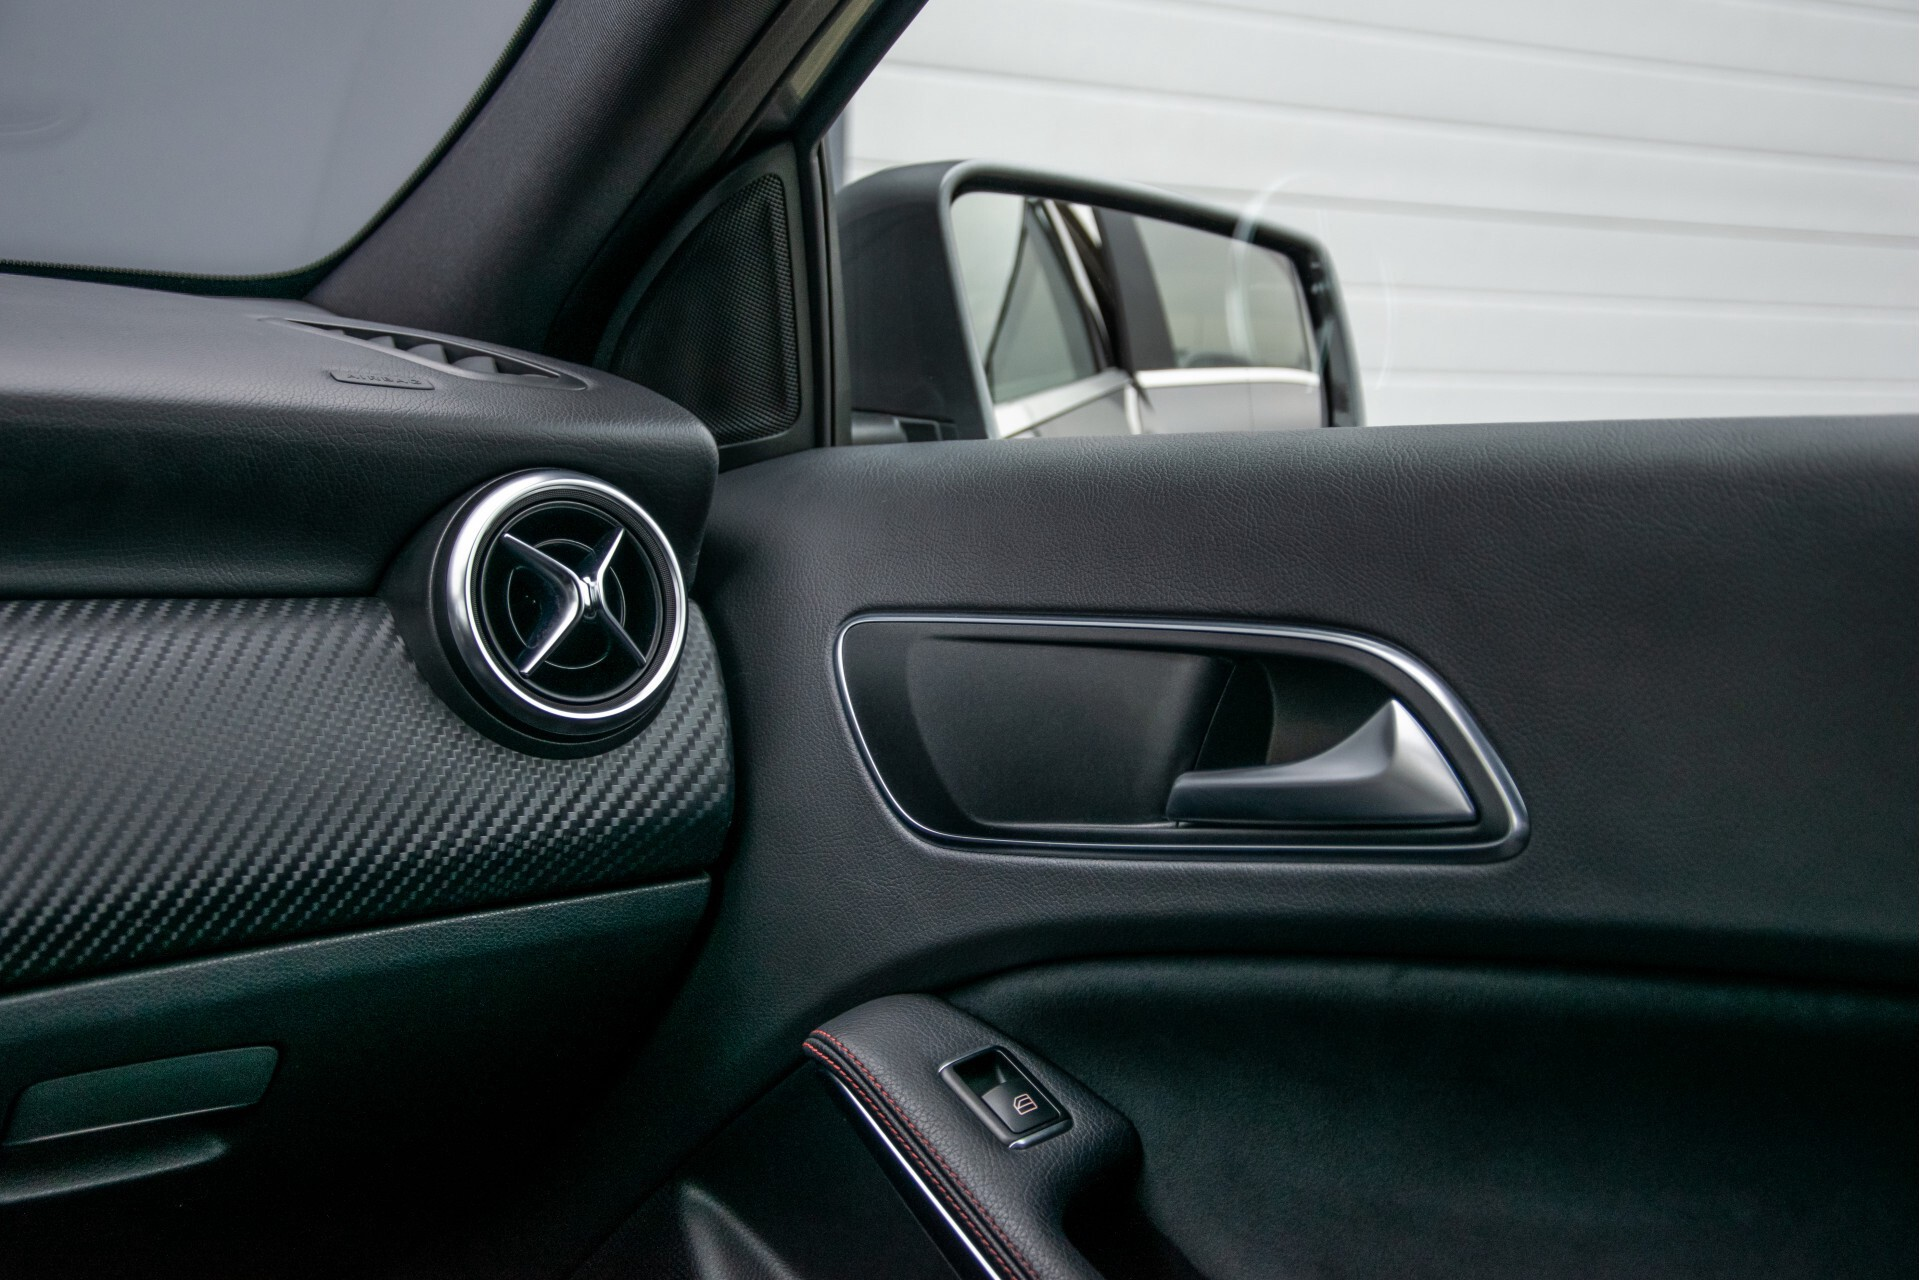 Mercedes-Benz A-Klasse 180 AMG Dynamic Handling/Camera/Xenon/Navi/Privacy Aut7 Foto 37